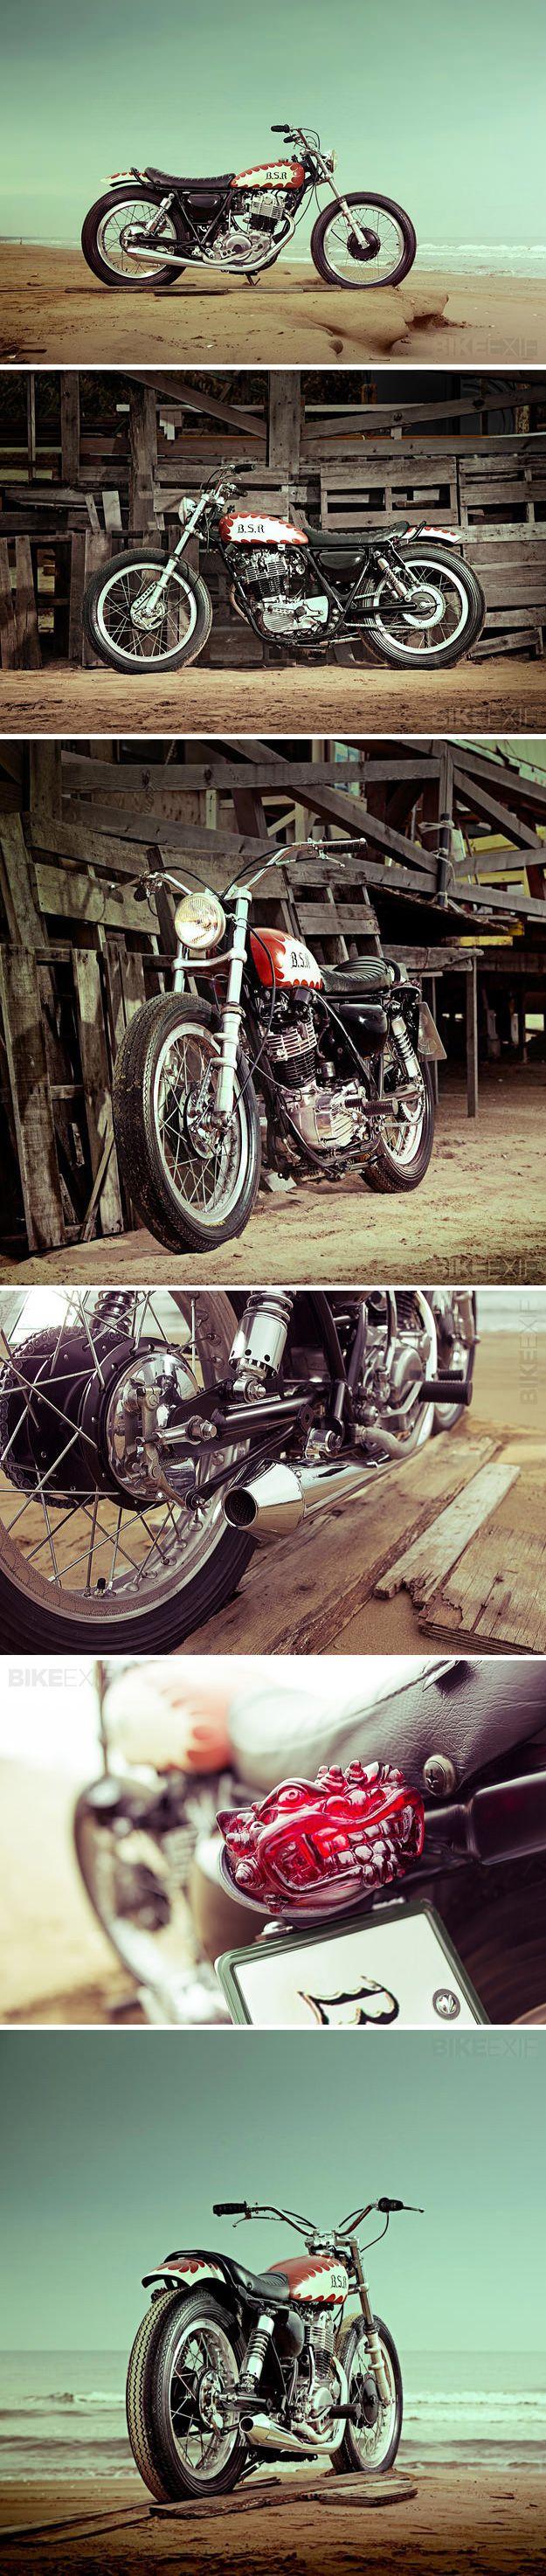 331 Best Motos Images On Pinterest Custom Bikes Sr500e Yamaha Motorcycle Front Disc Brake Caliper Diagram And Parts Sr400 Seen Bikeexif Http Bikeexifcom